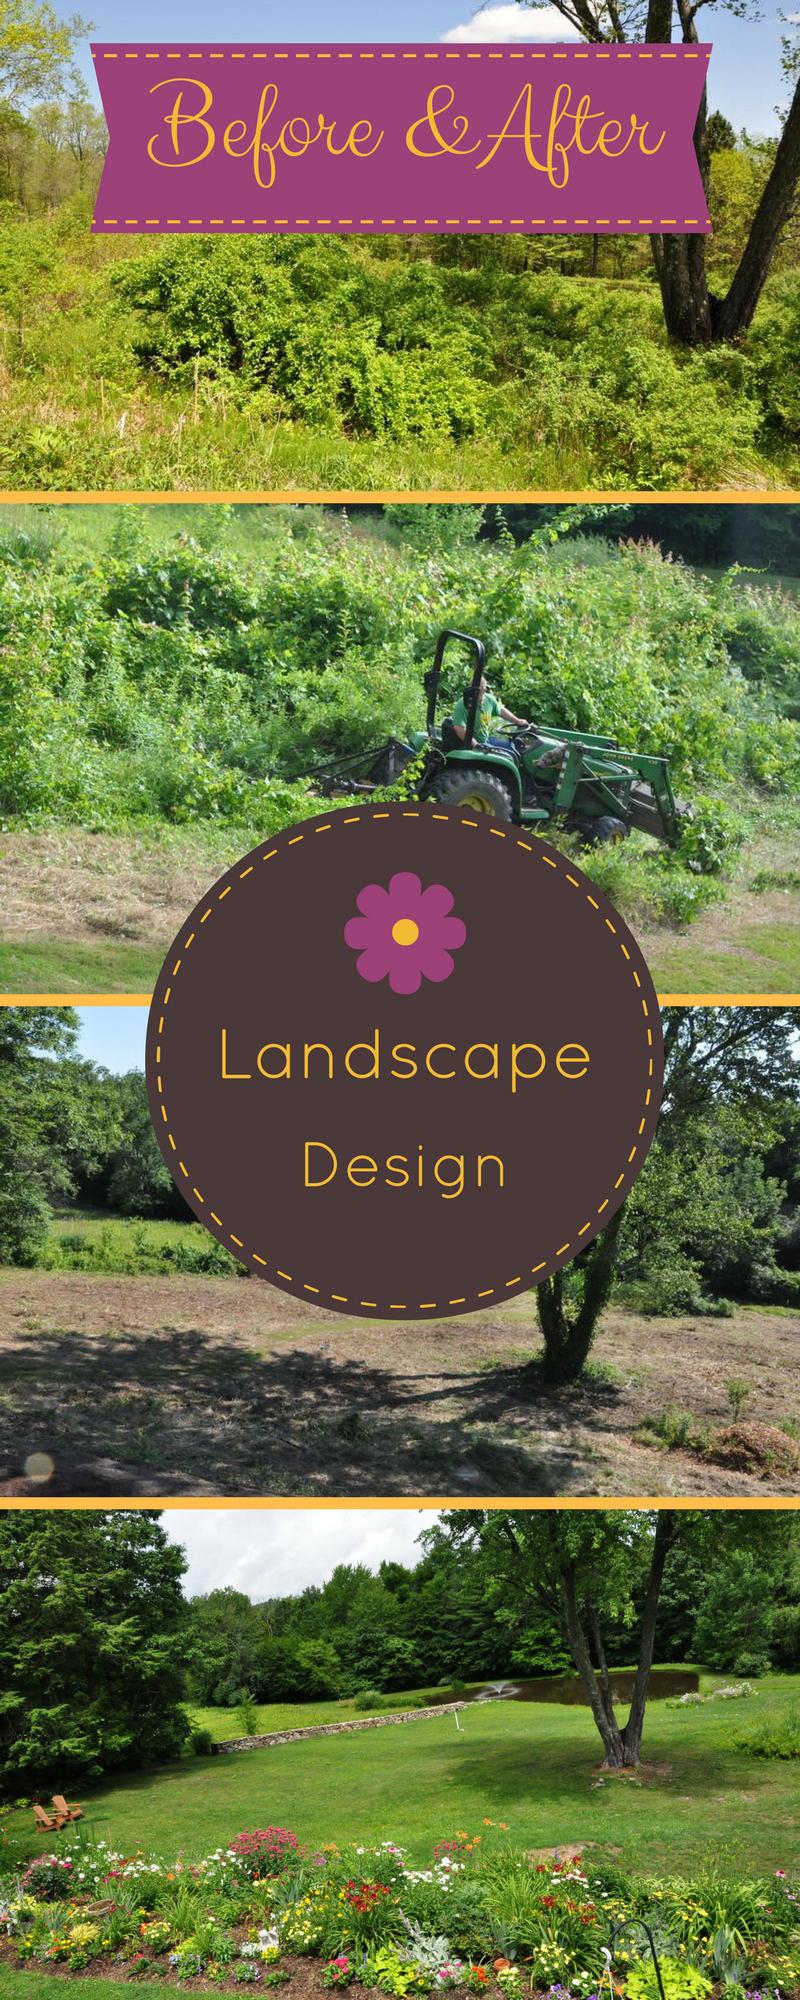 Landsccape Design Before & After, Gardening